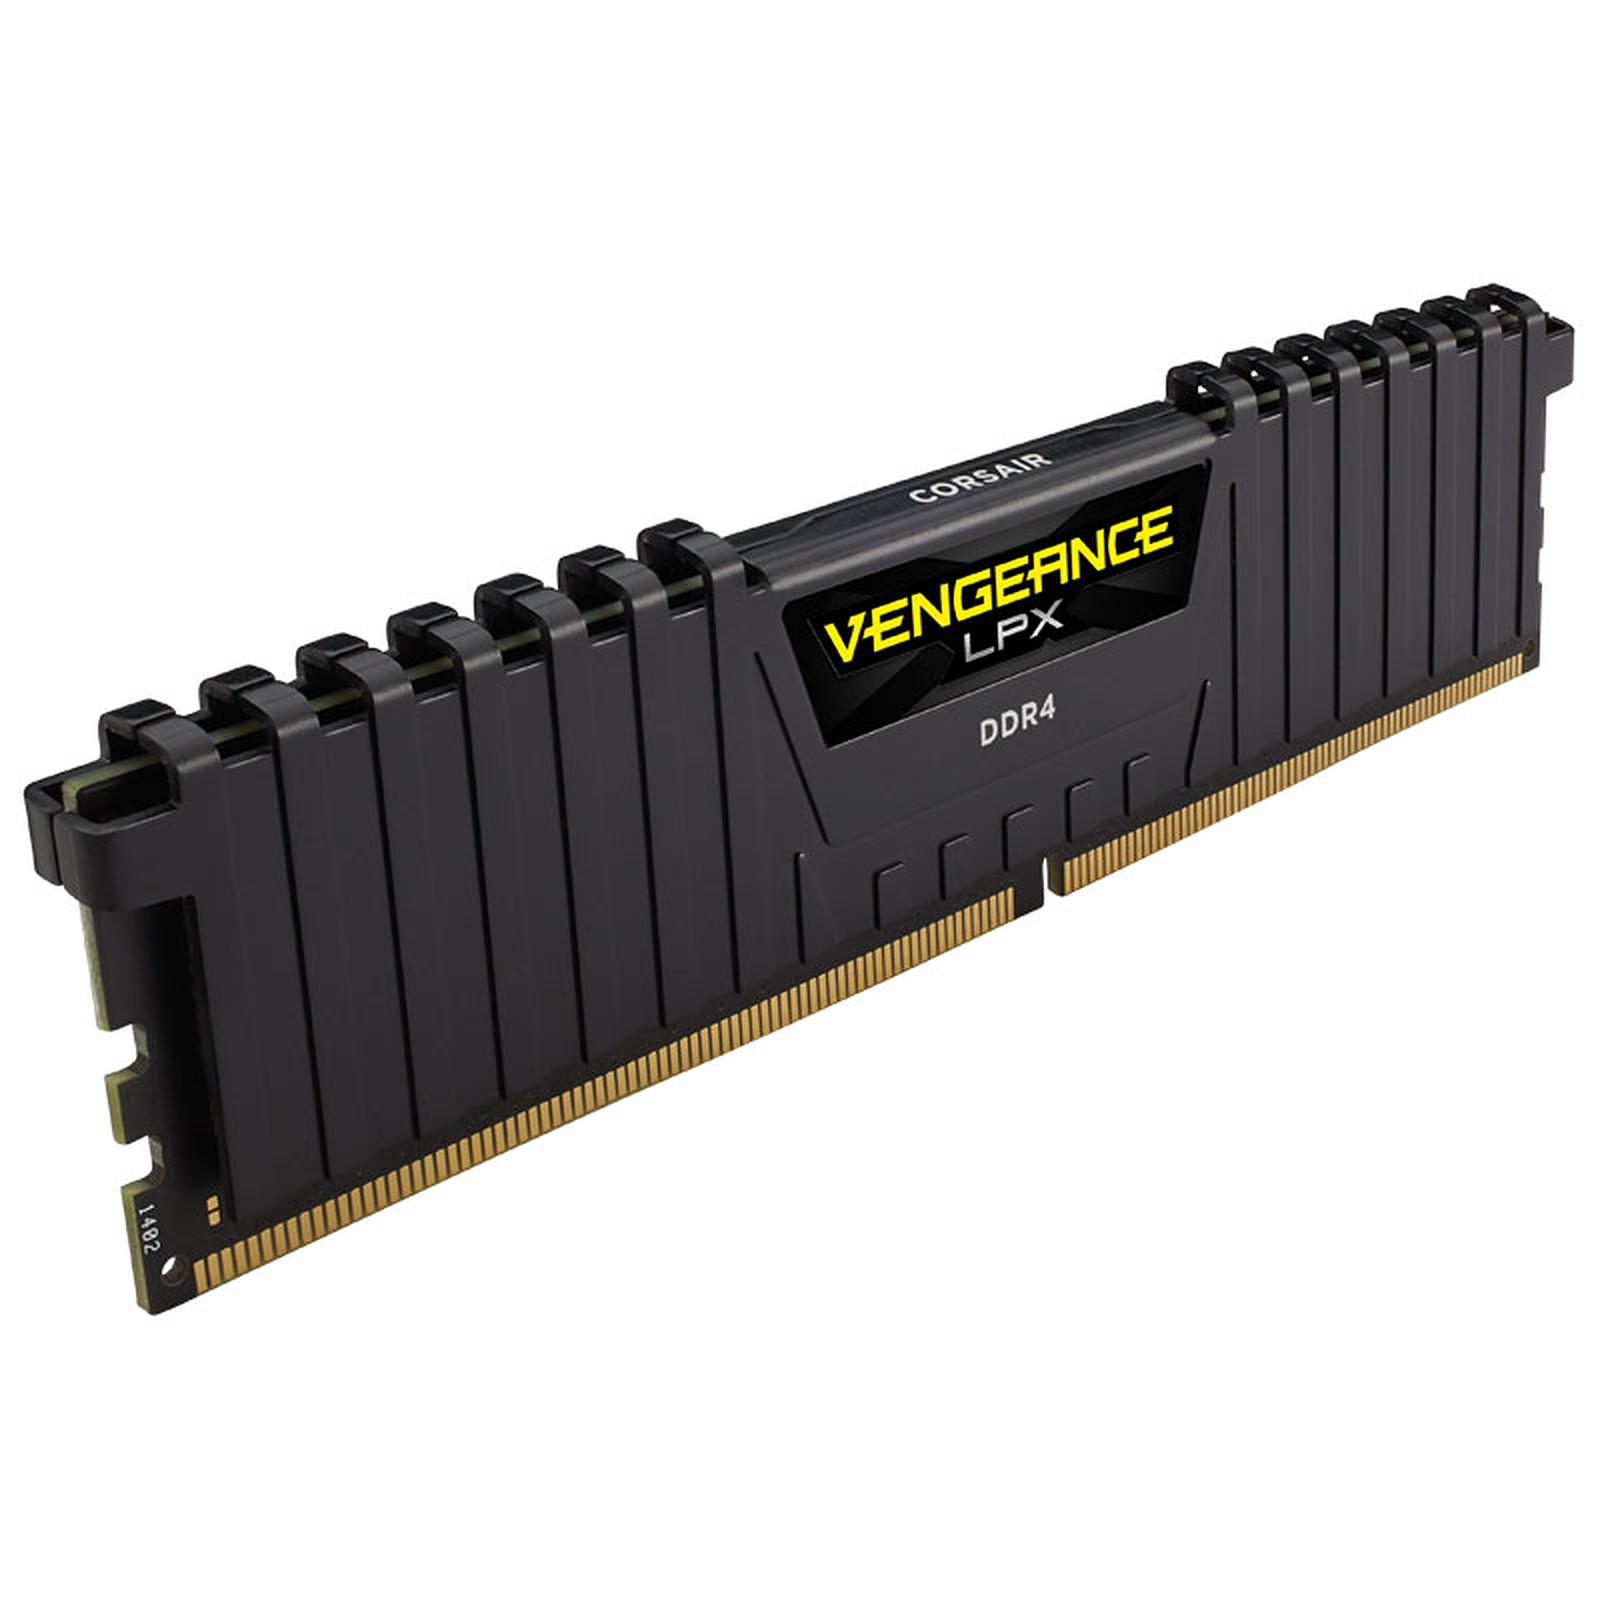 Corsair Vengeance LPX Series Low Profile 8 GB DDR4 3200 MHz CL16